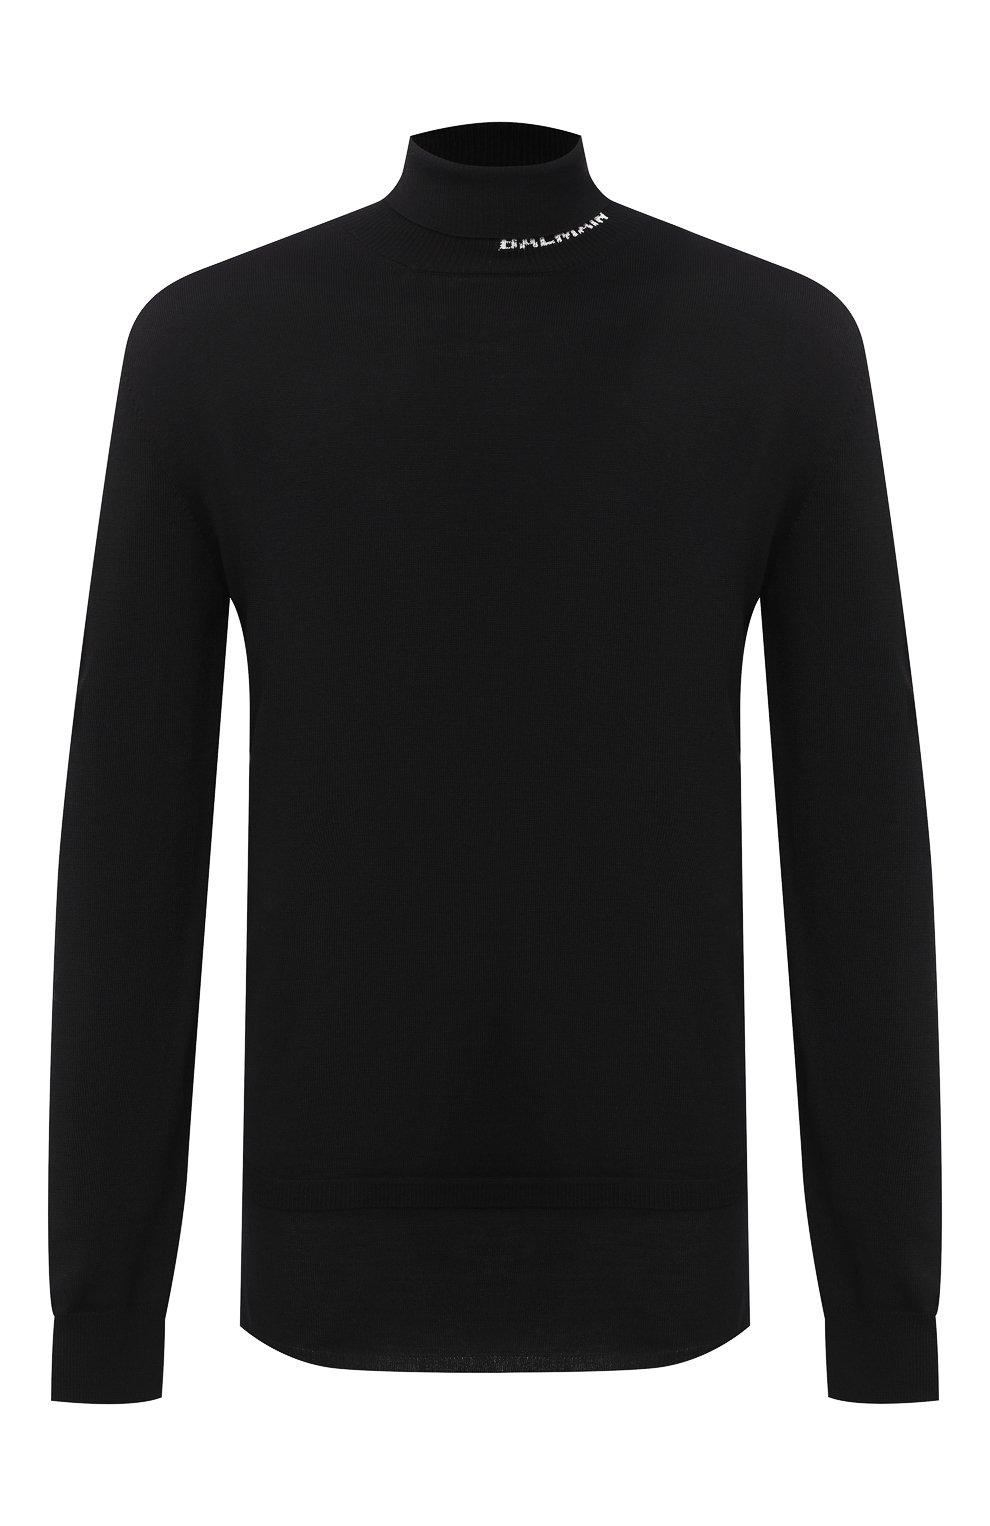 Мужской шерстяной свитер BALMAIN черного цвета, арт. UH13410/K010   Фото 1 (Материал внешний: Шерсть; Рукава: Длинные; Принт: Без принта)